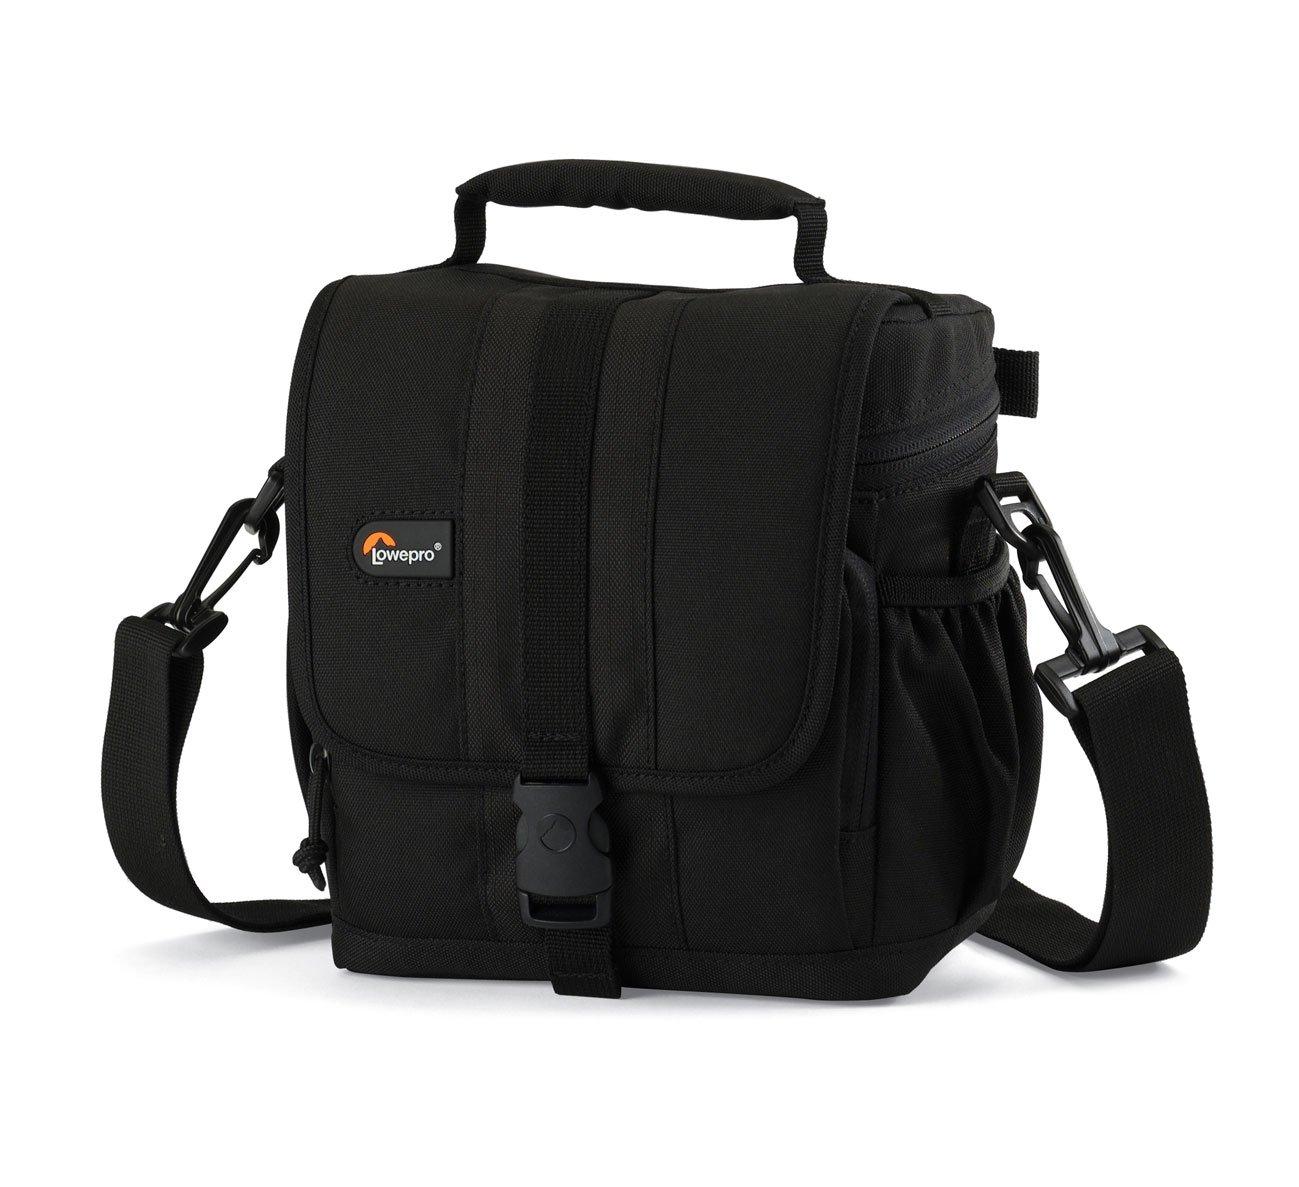 Lowepro Adventura 170 Shoulder Bag Amazon 56